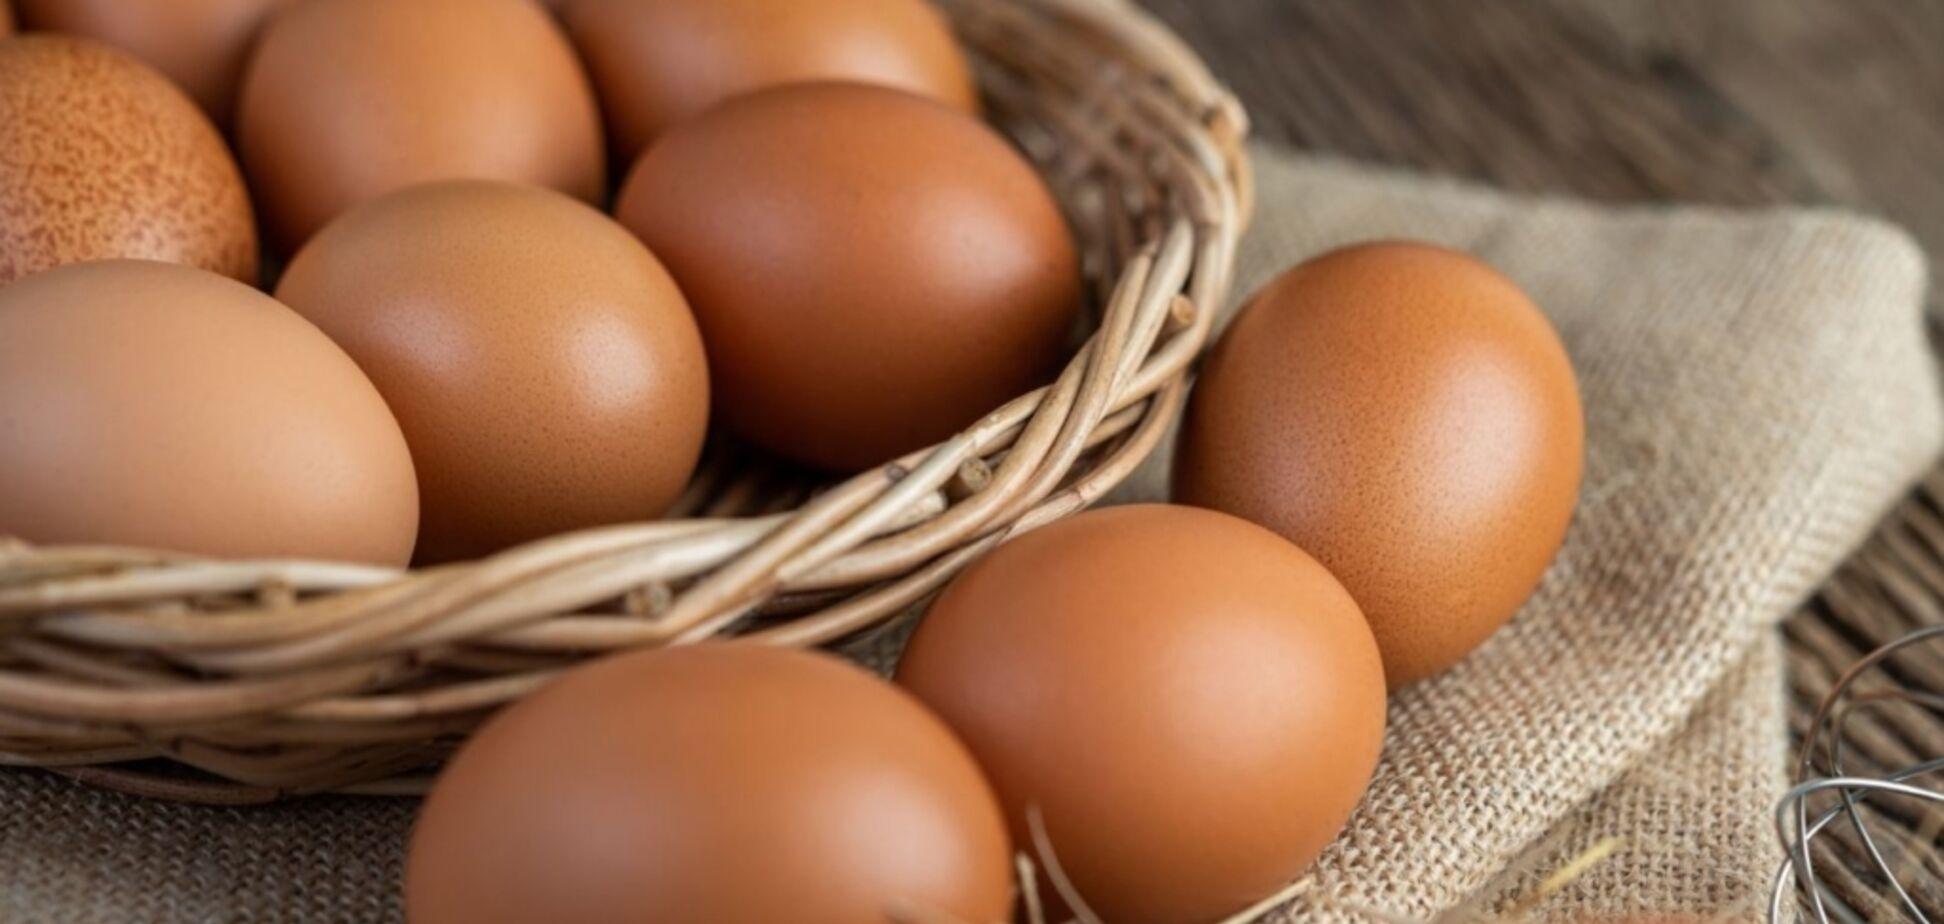 В Україні дорожчають яйця через тиск НАБУ на 'Авангард' – Poultry World